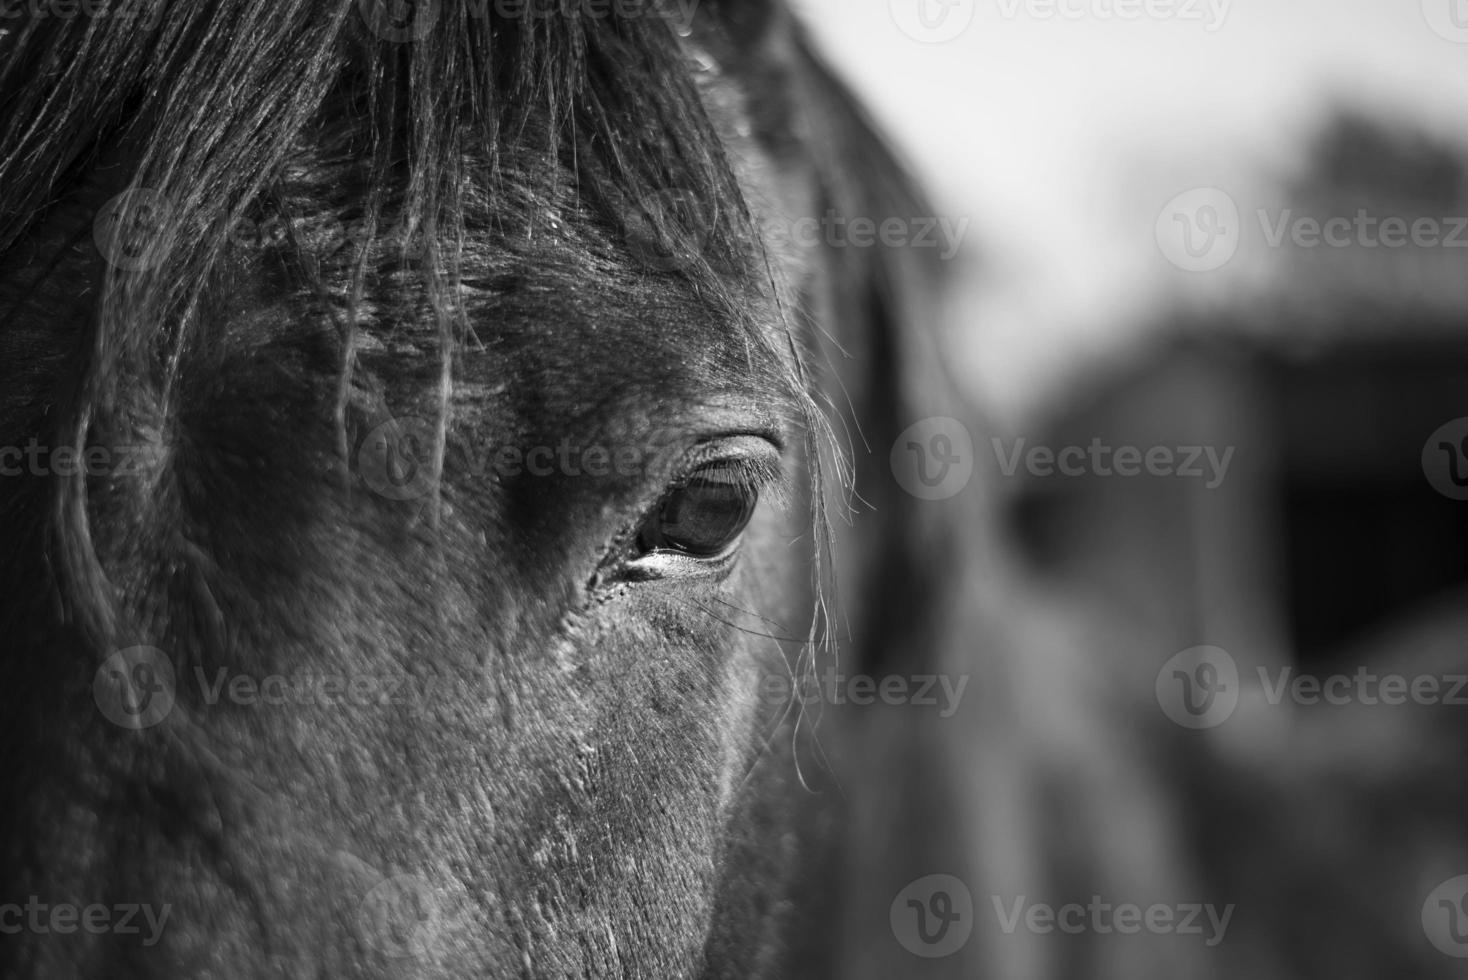 occhio di cavallo da vicino foto